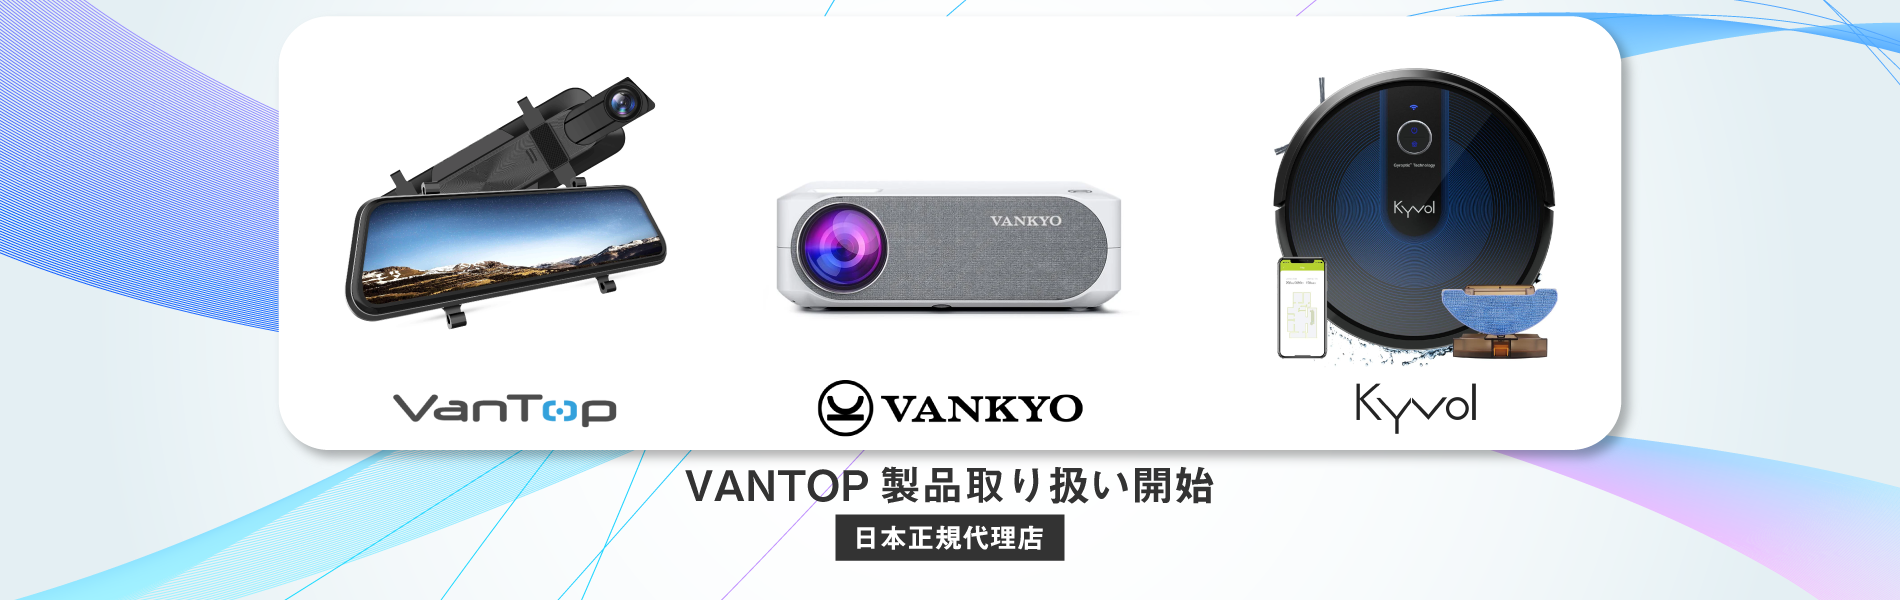 VANTOP